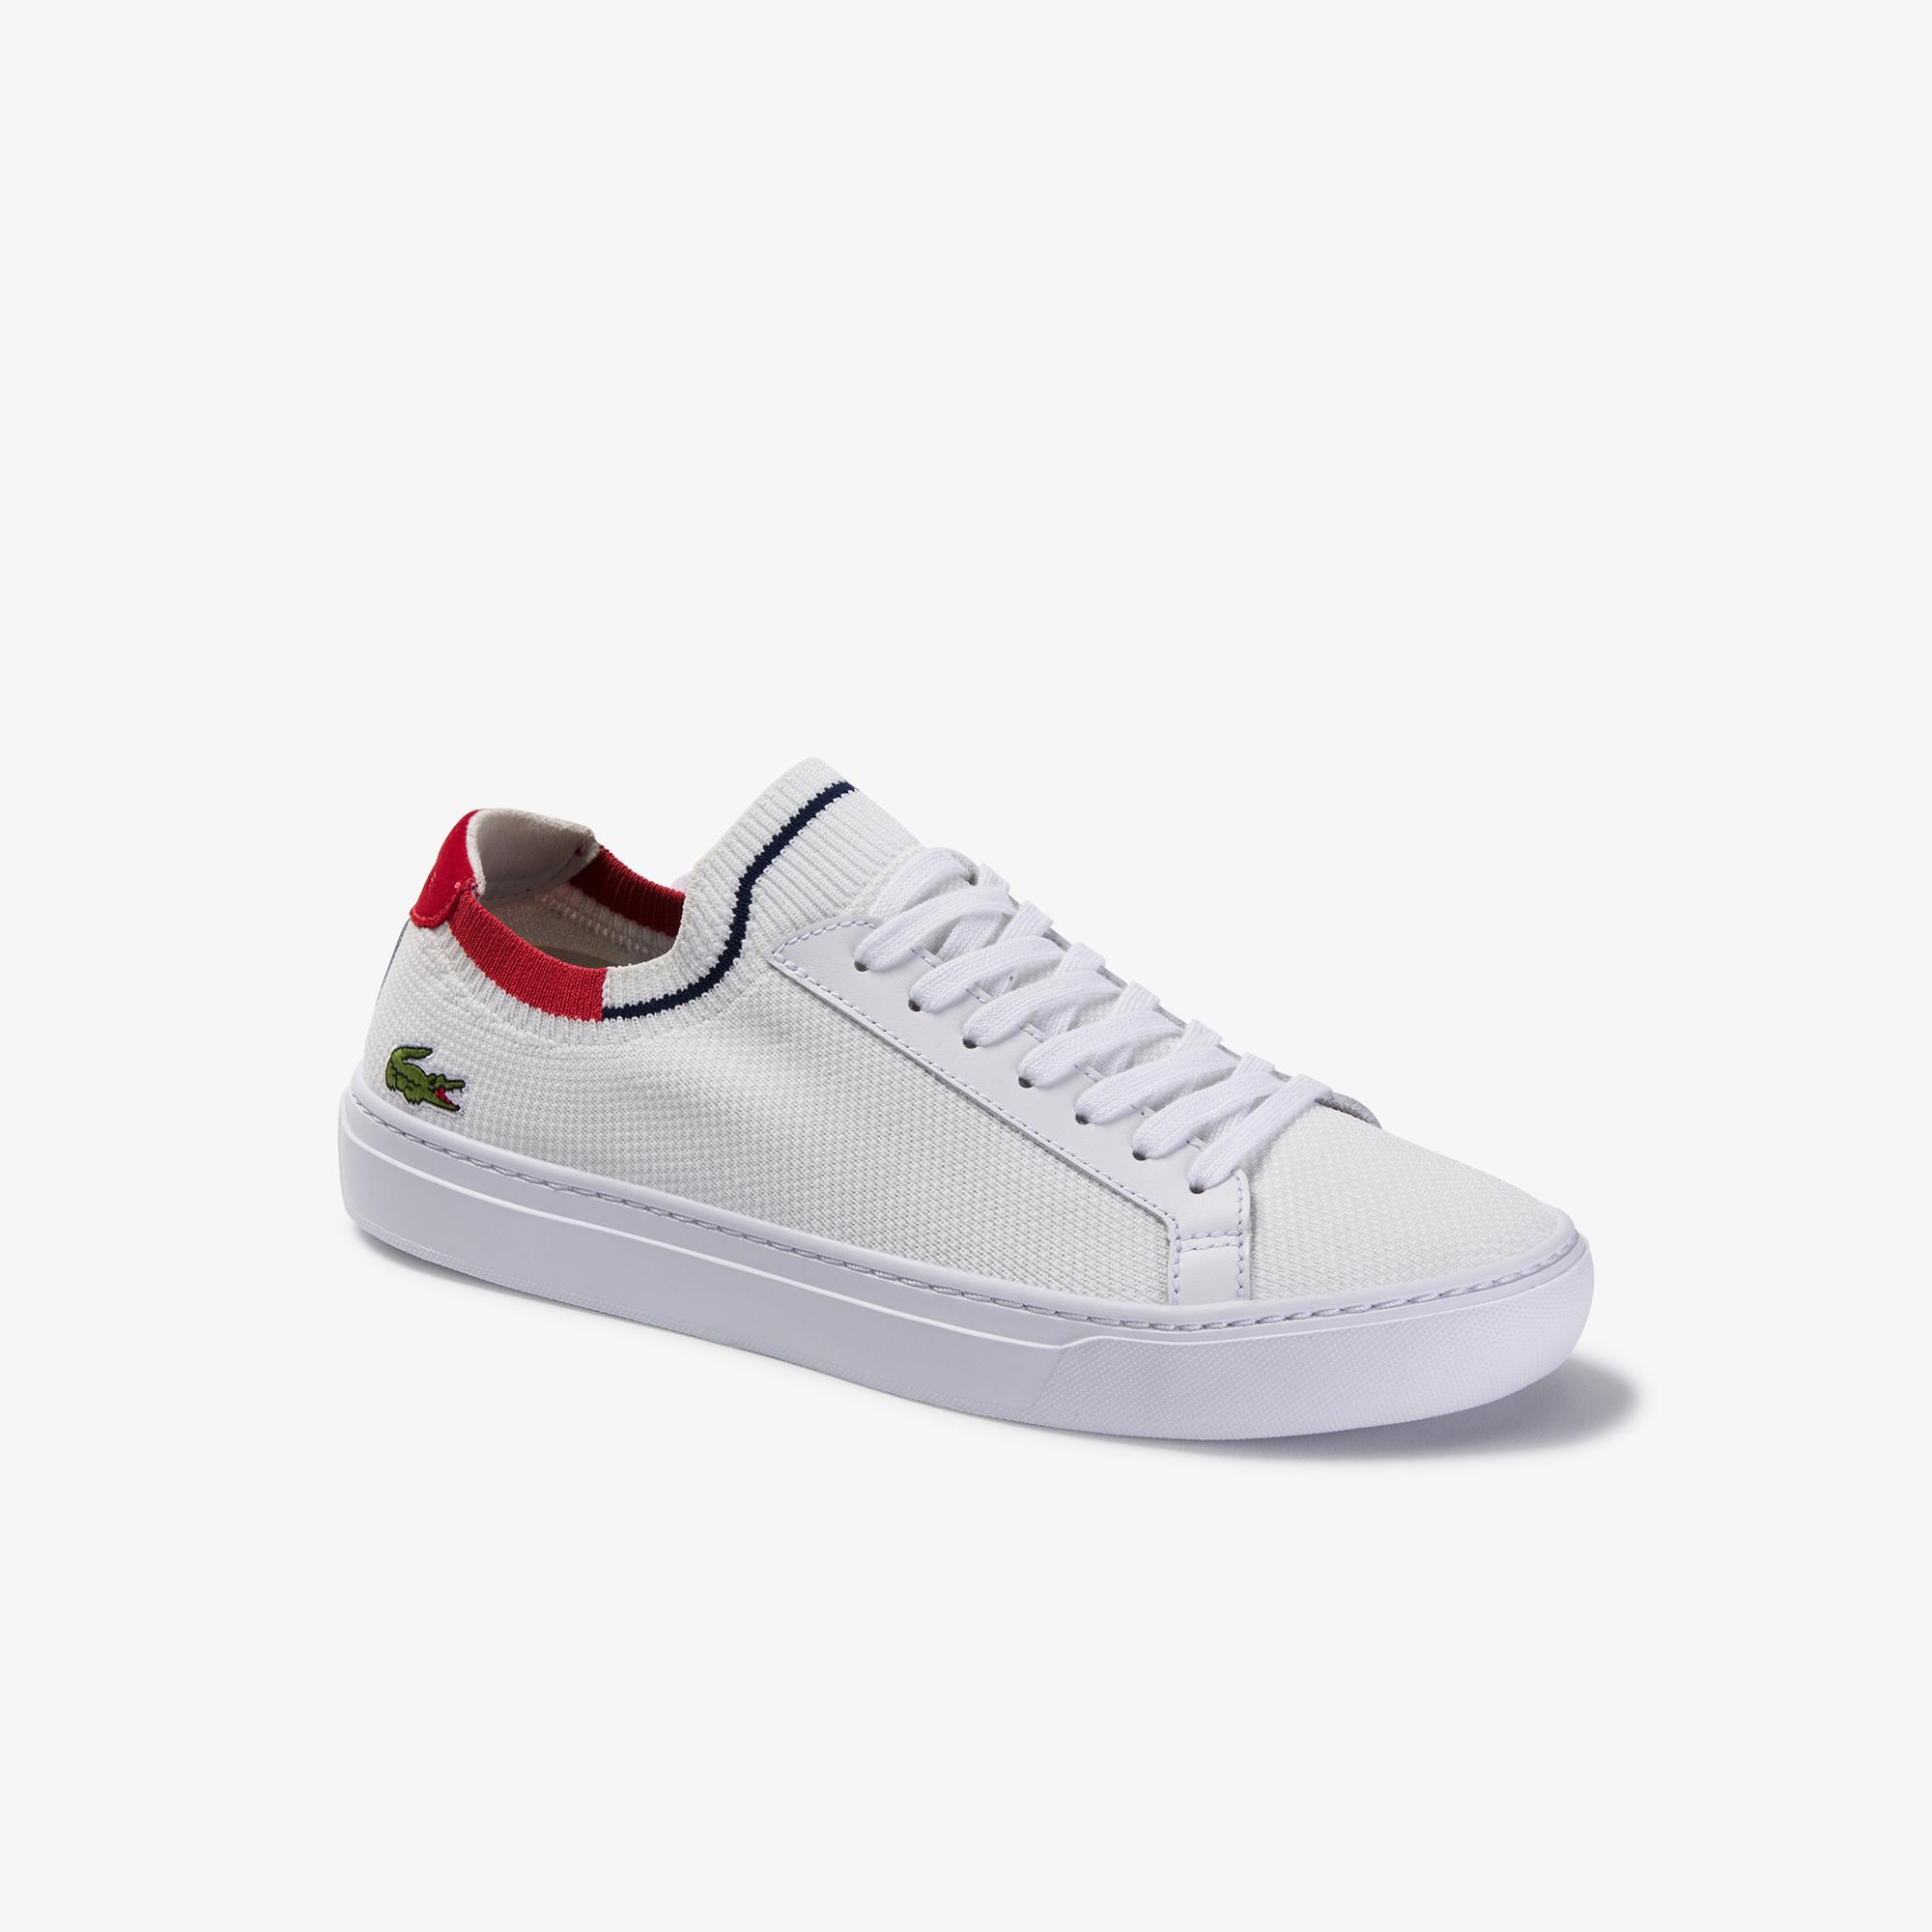 Lacoste La Piquée 120 1 Men's Sneakers